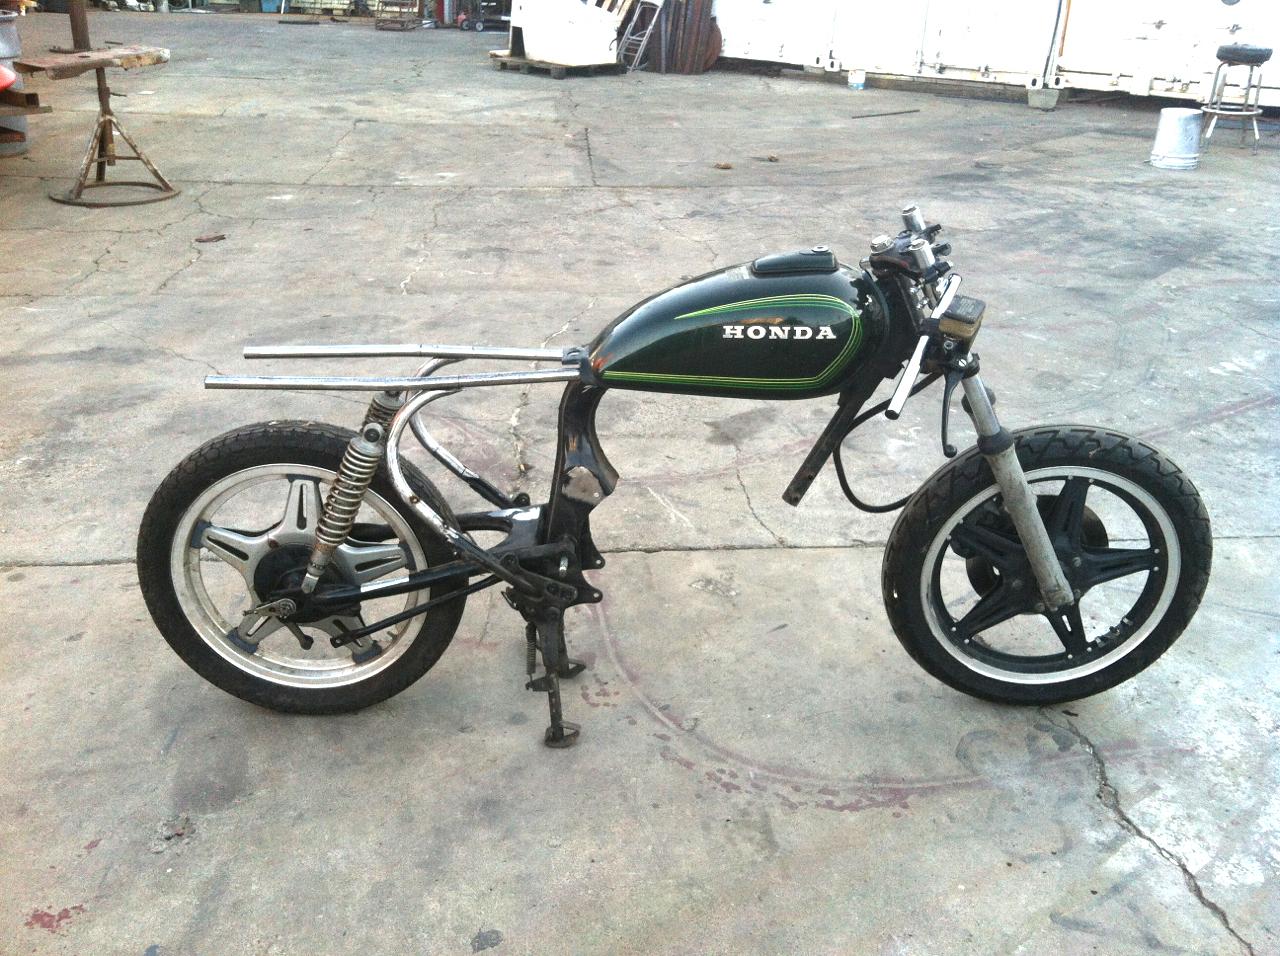 Honda-CM400T-custom-cafe-racer-project-frame-work-22 | 4into1.com ...